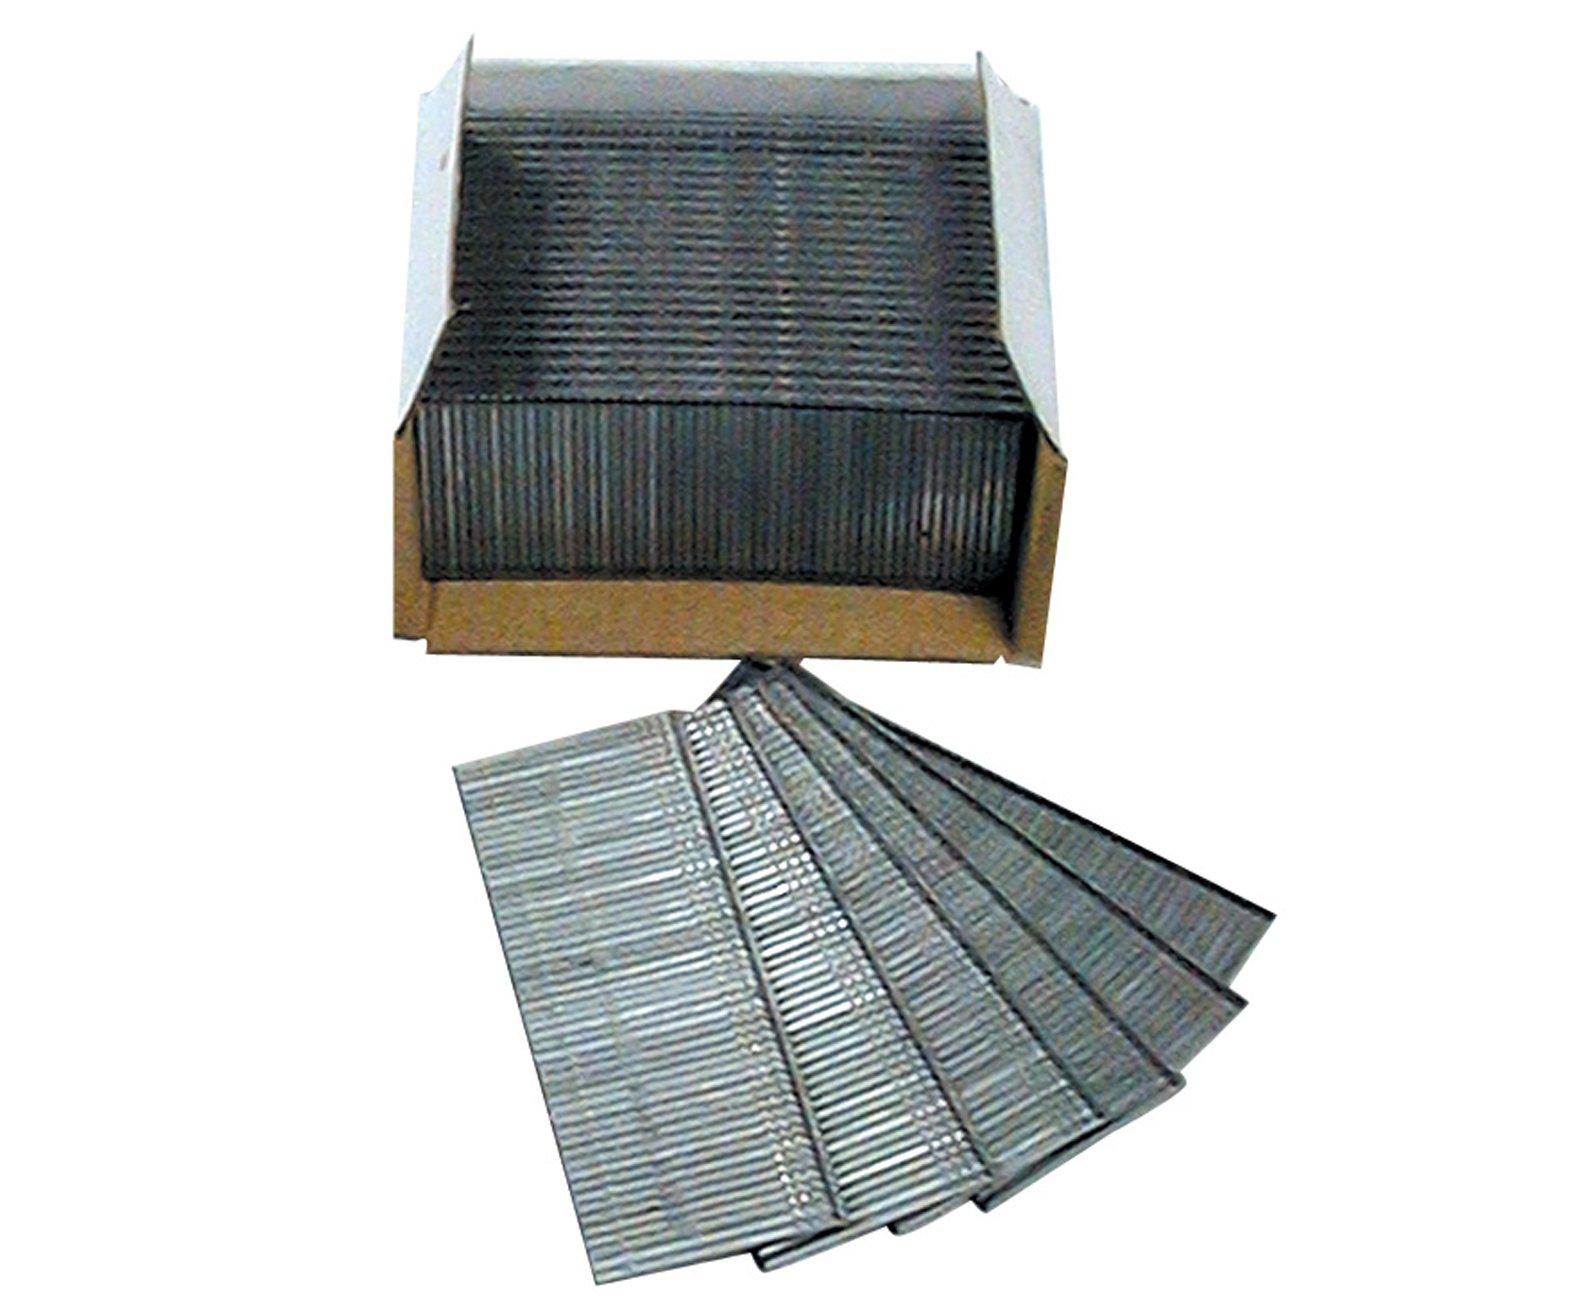 Hřebíky k hřebíkovačce PROFI 2500ks Güde - 50mm